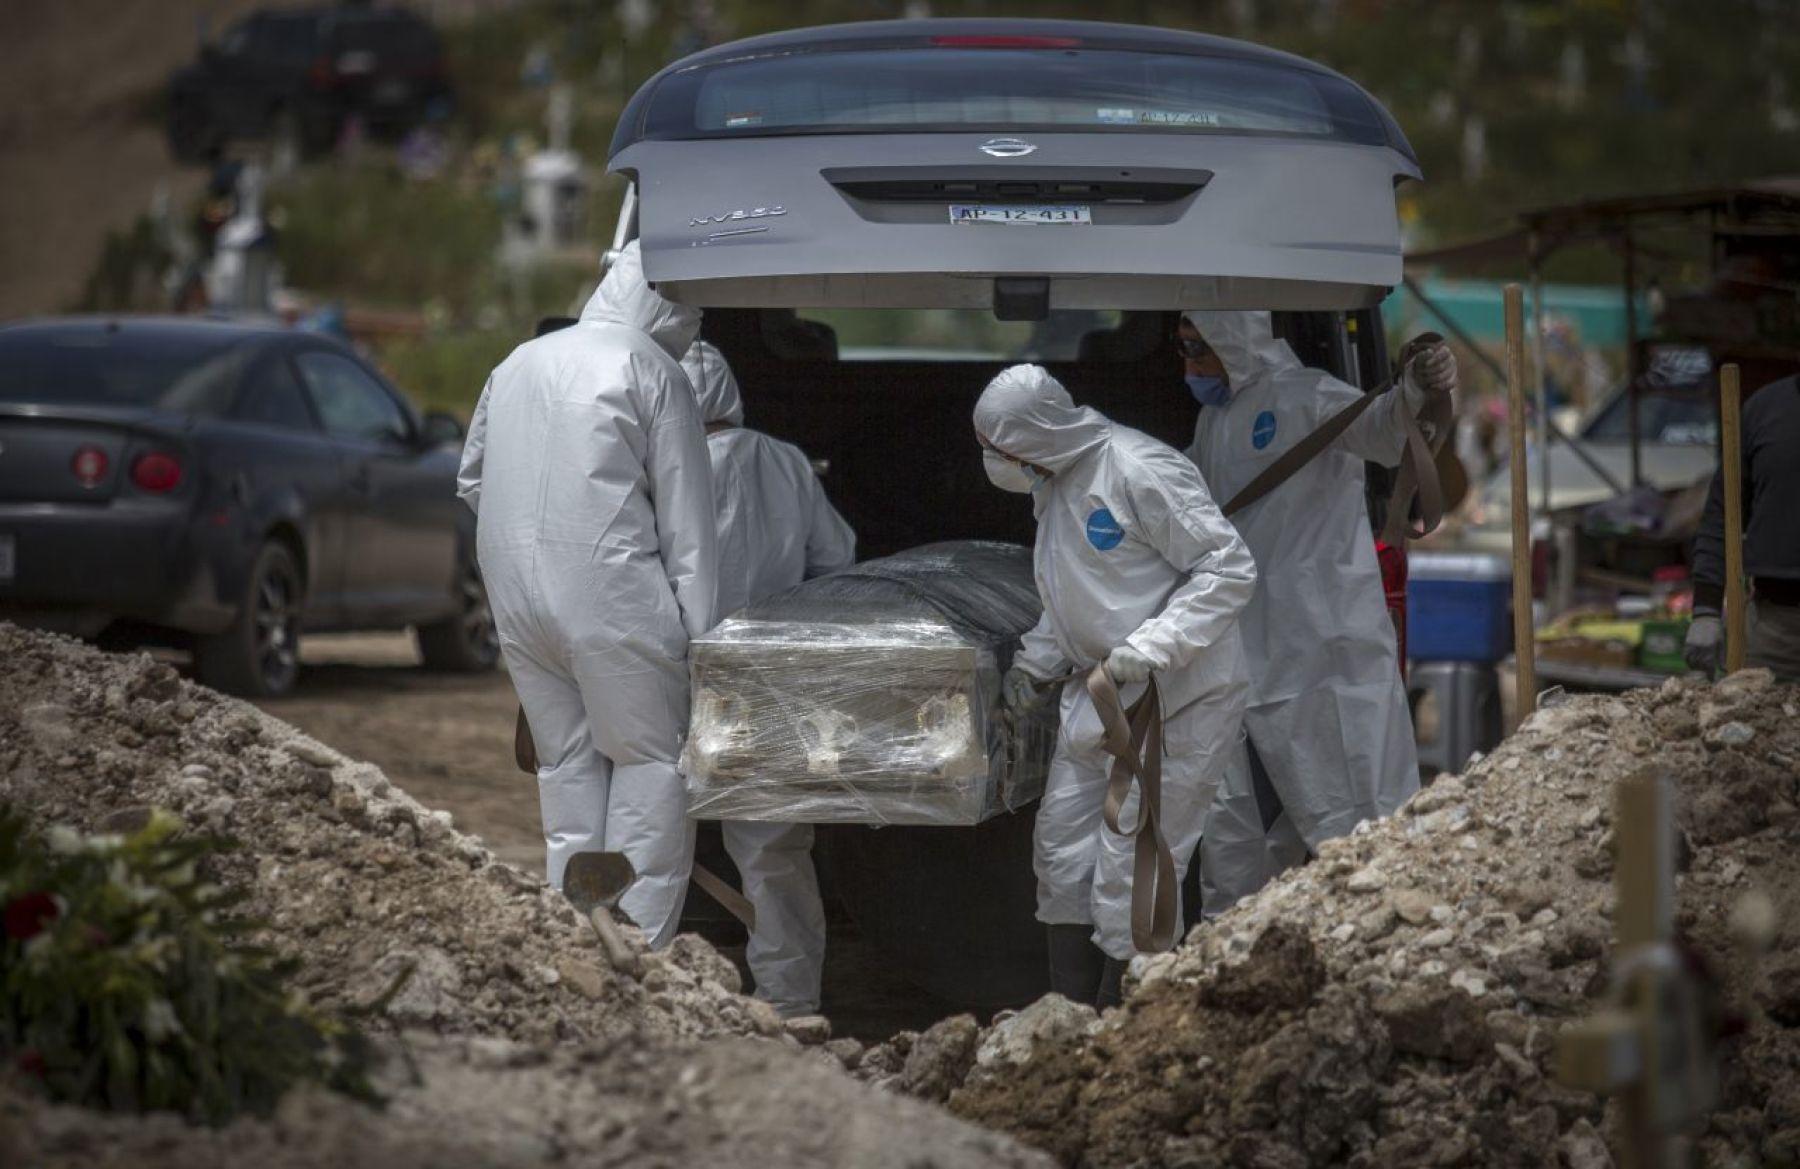 México registra 5 mil 658 nuevos casos de COVID-19 y 626 muertes en solo 24 horas